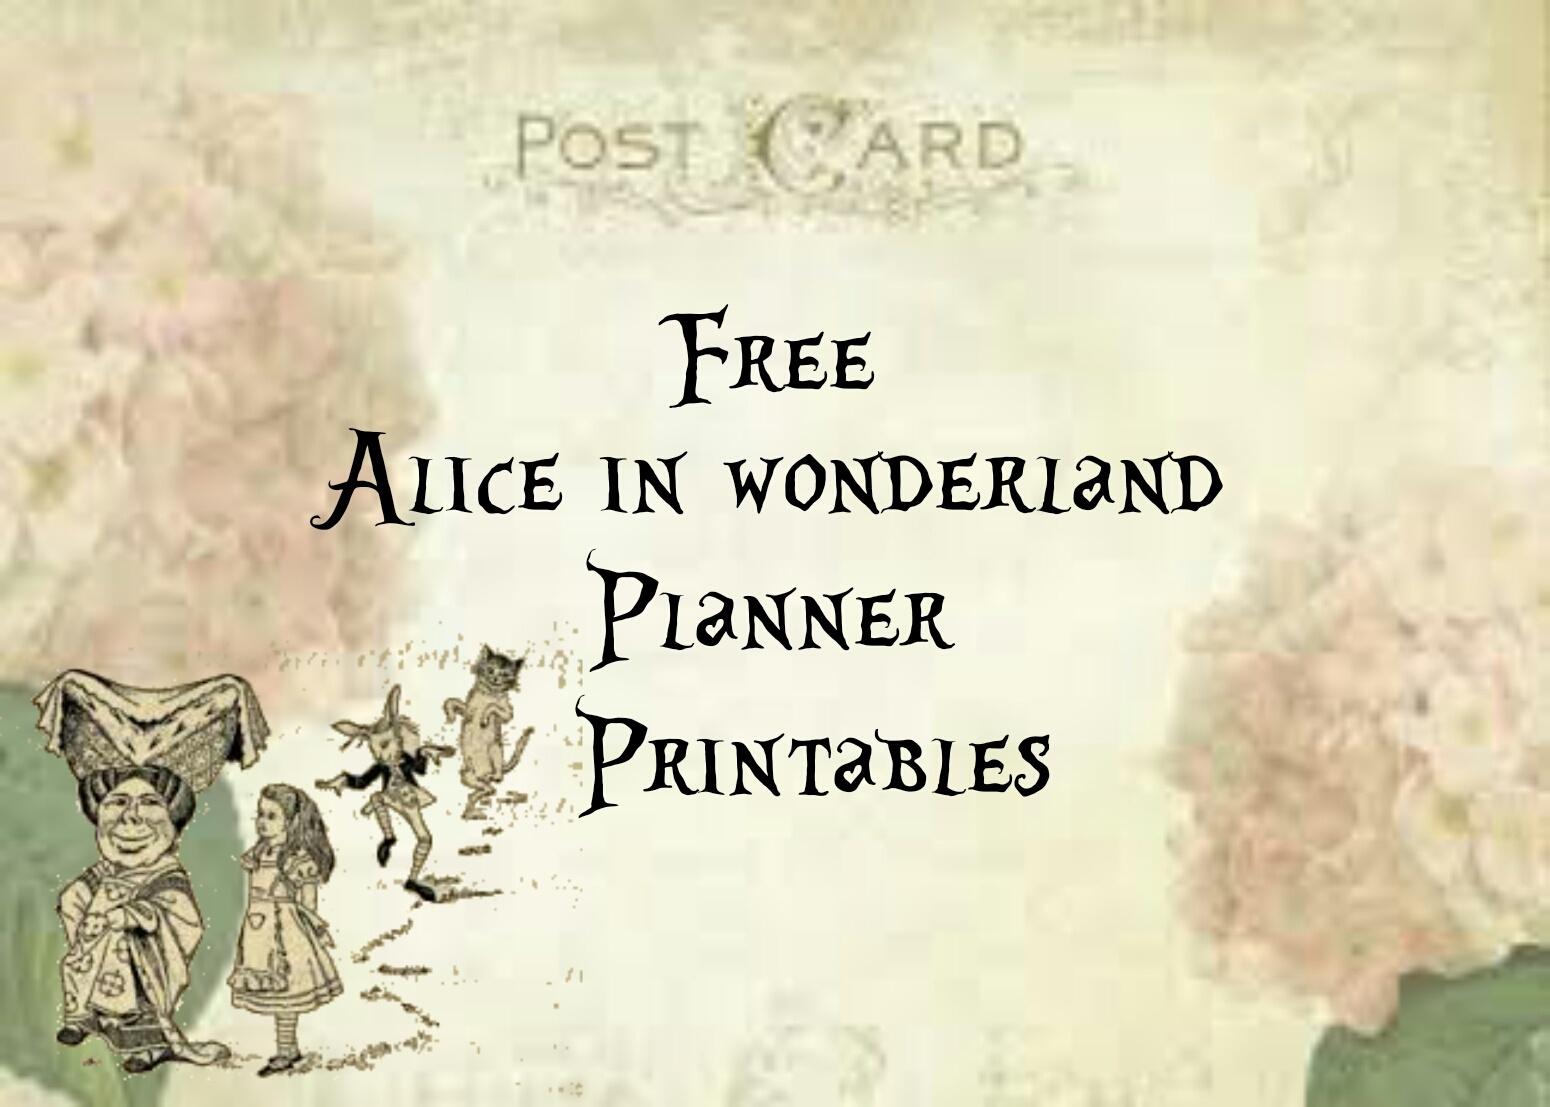 Alice In Wonderland : Free Planner Printables – Lorraine A Life Less - Alice In Wonderland Free Printables